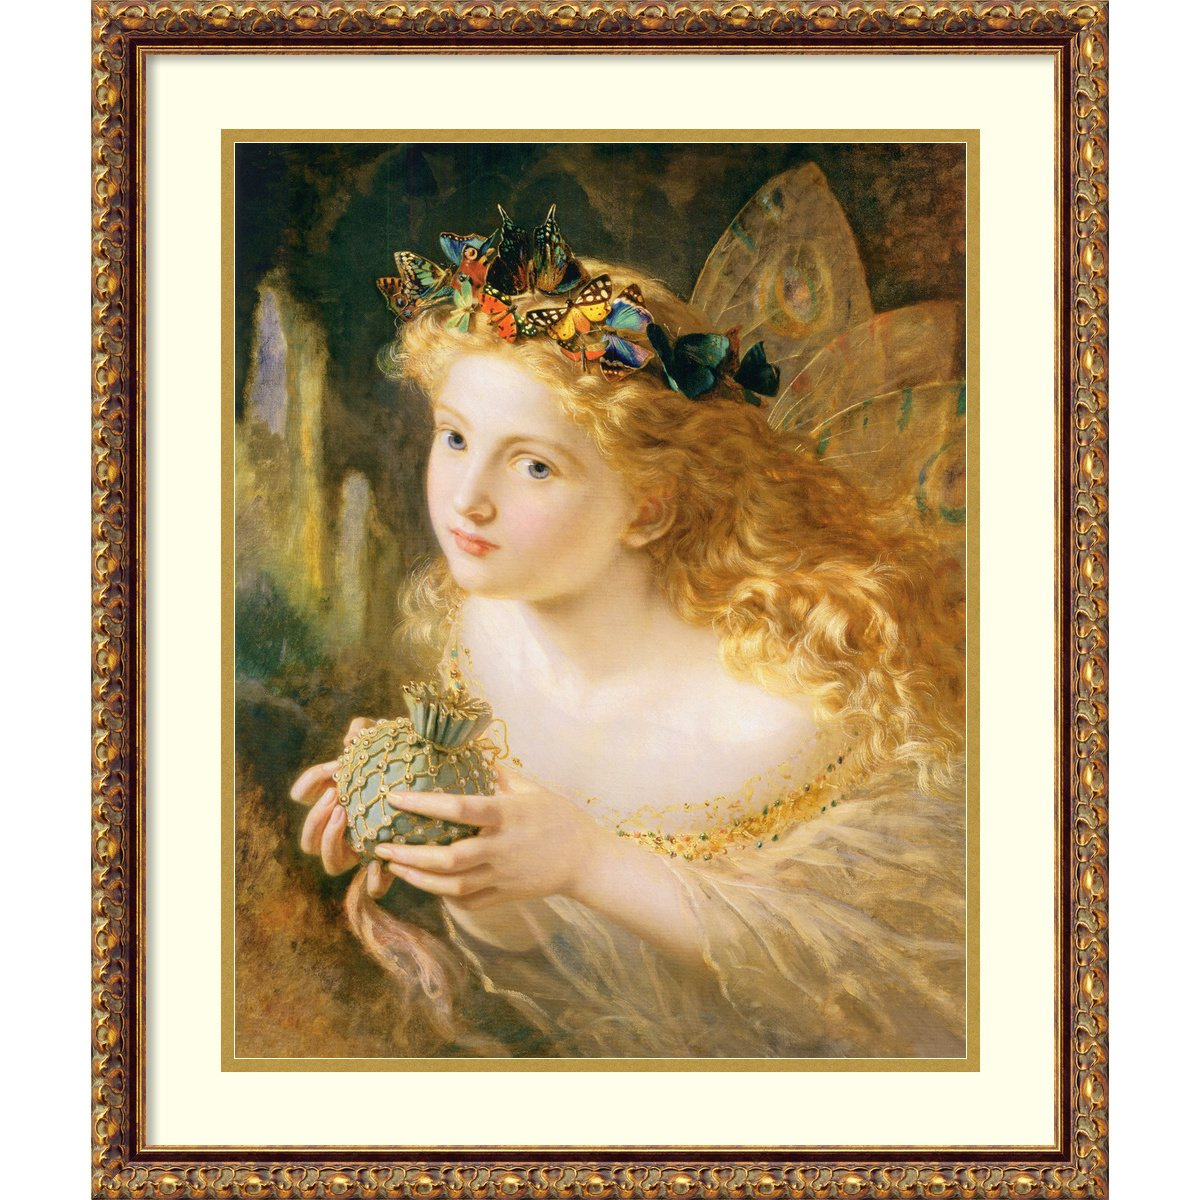 Fairy Framed壁アート – 21.85 W x 25.85h in。 22